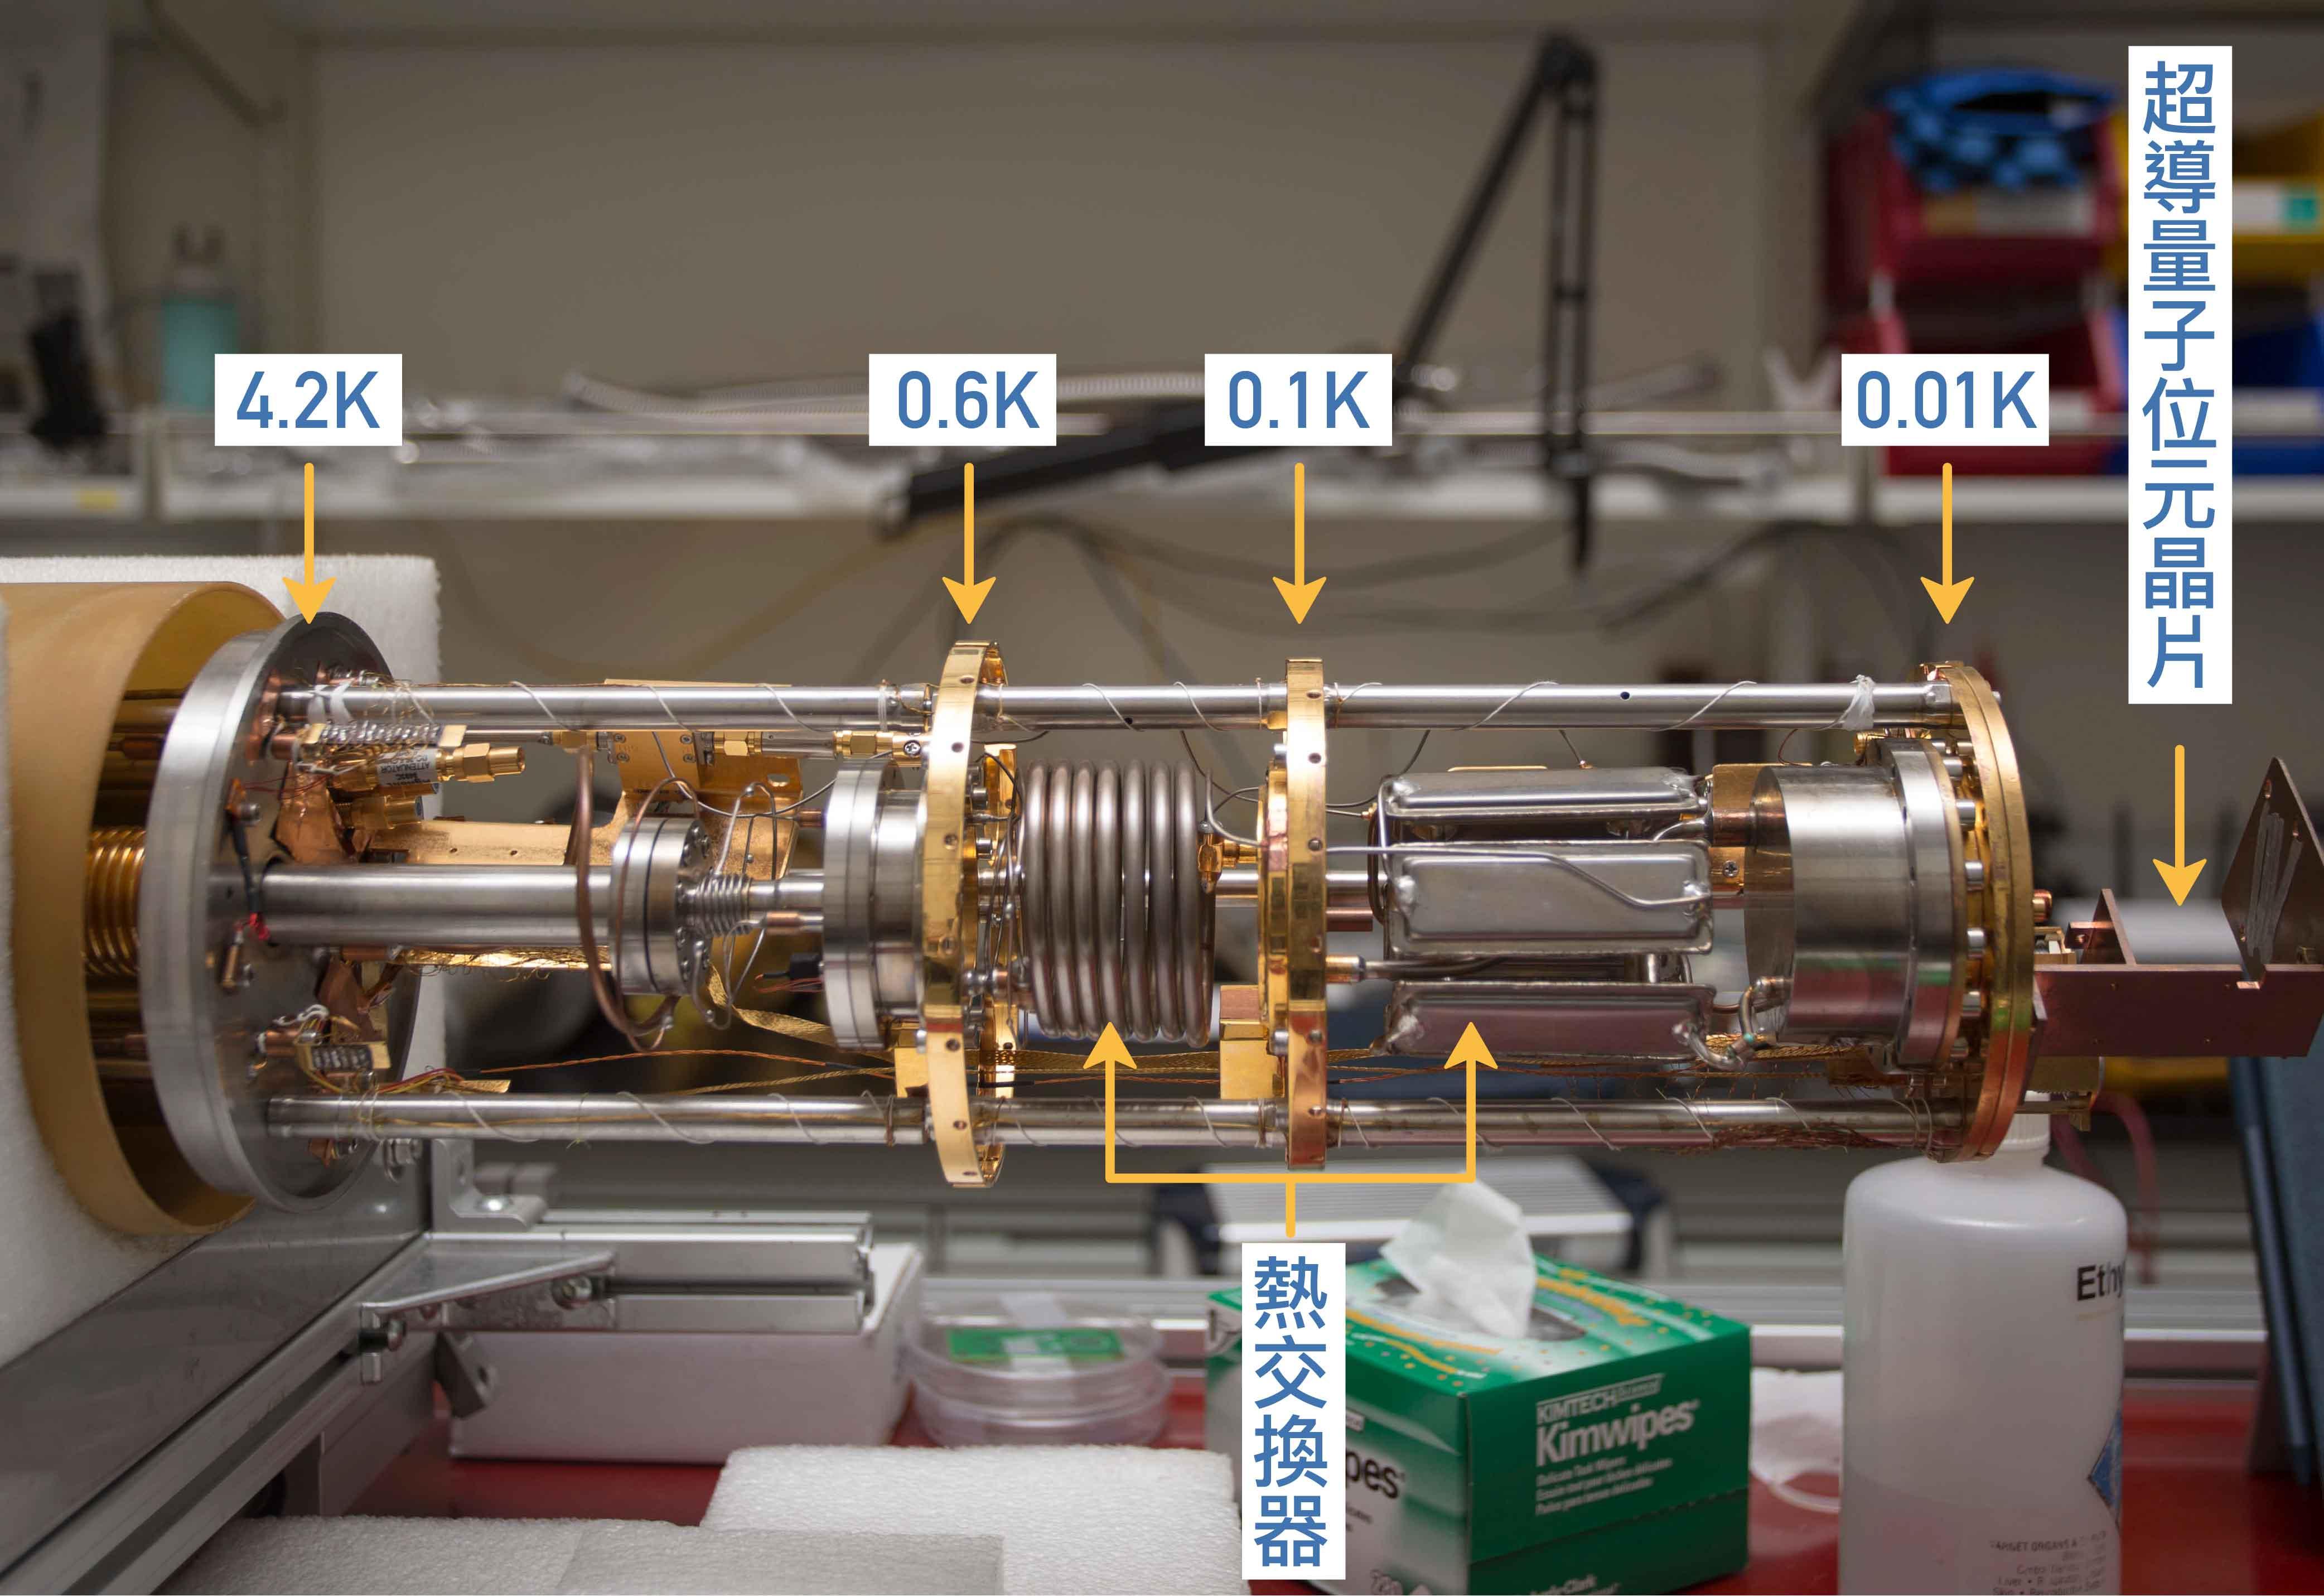 裝載「超導量子位元晶片」的稀釋冷凍機。從左往右圓形層的溫度為 4.2K, 0.6K, 0.1K, 0.01K。螺旋狀結構與片狀結構,為注入的高溫氣體與排出的低溫氣體的熱交換器。攝影│張語辰